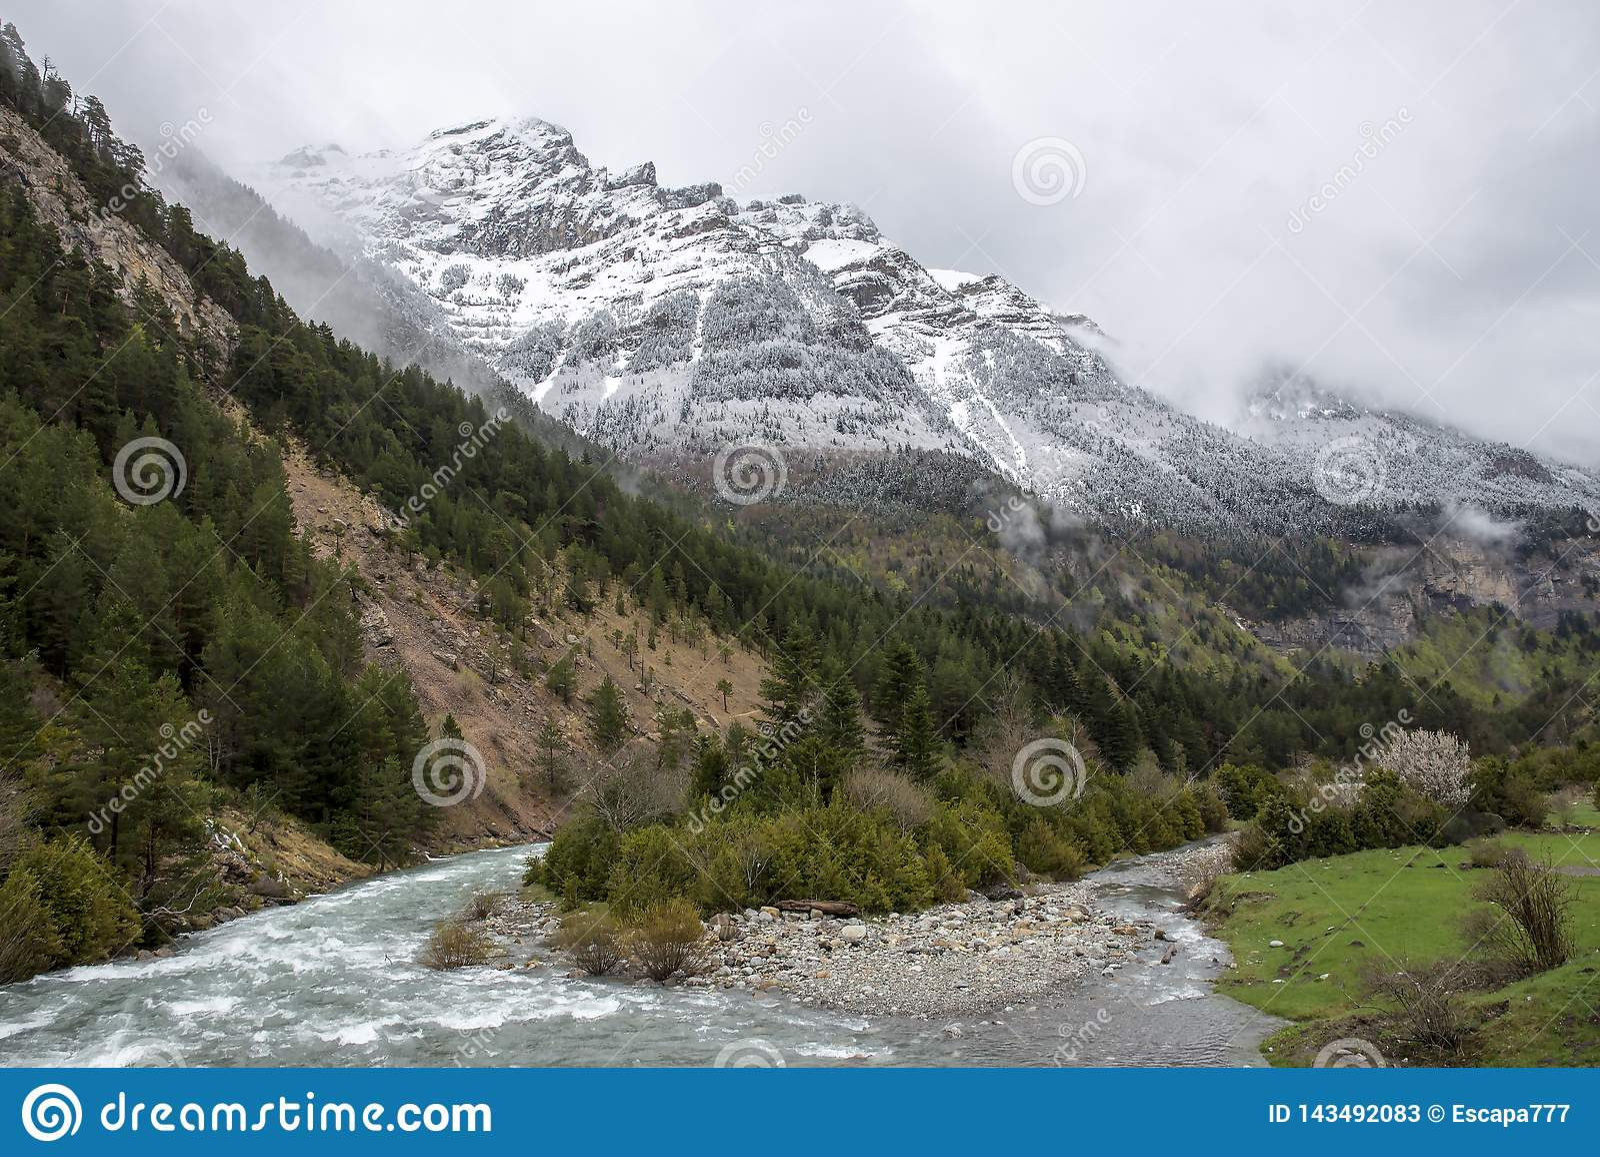 Rio no vale de Bujaruelo com alguma neve na montanha, parque nacional das aros de Ordesa y Monte Perdido